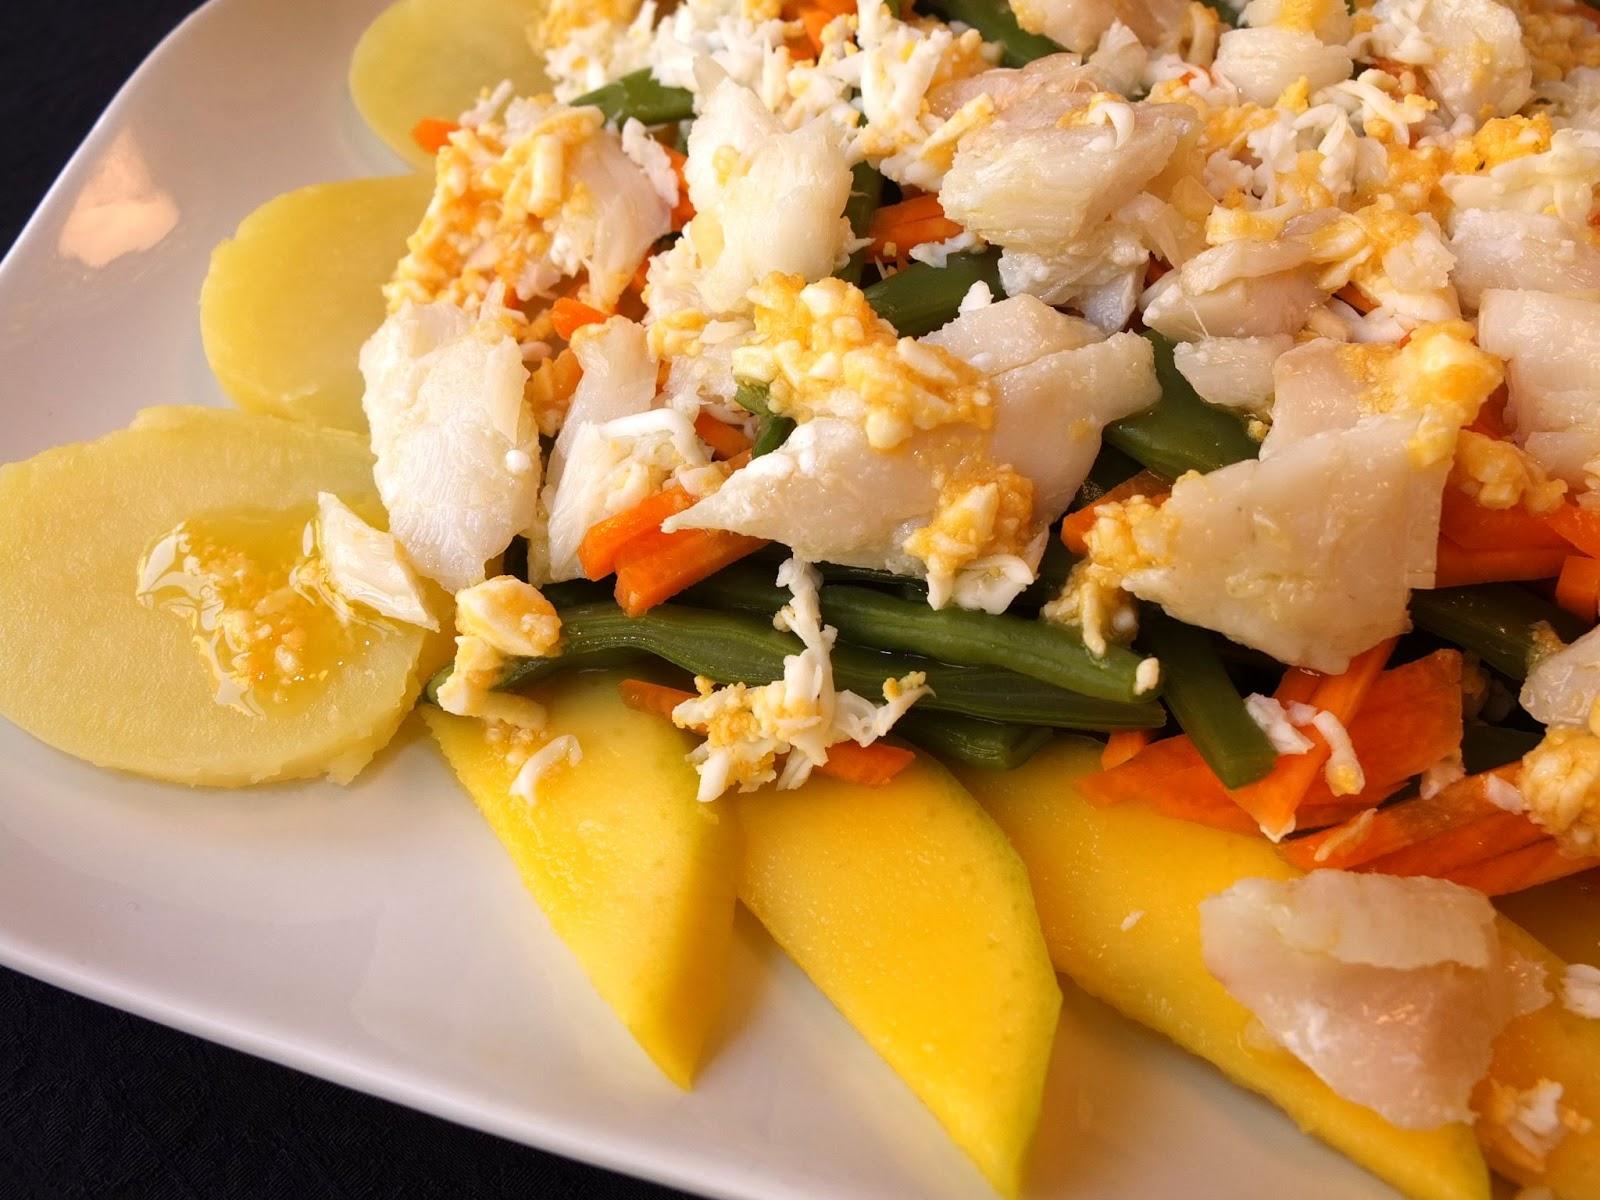 Cocinando con lola garc a ensalada de jud as verdes y bacalao for Cocinar judias verdes